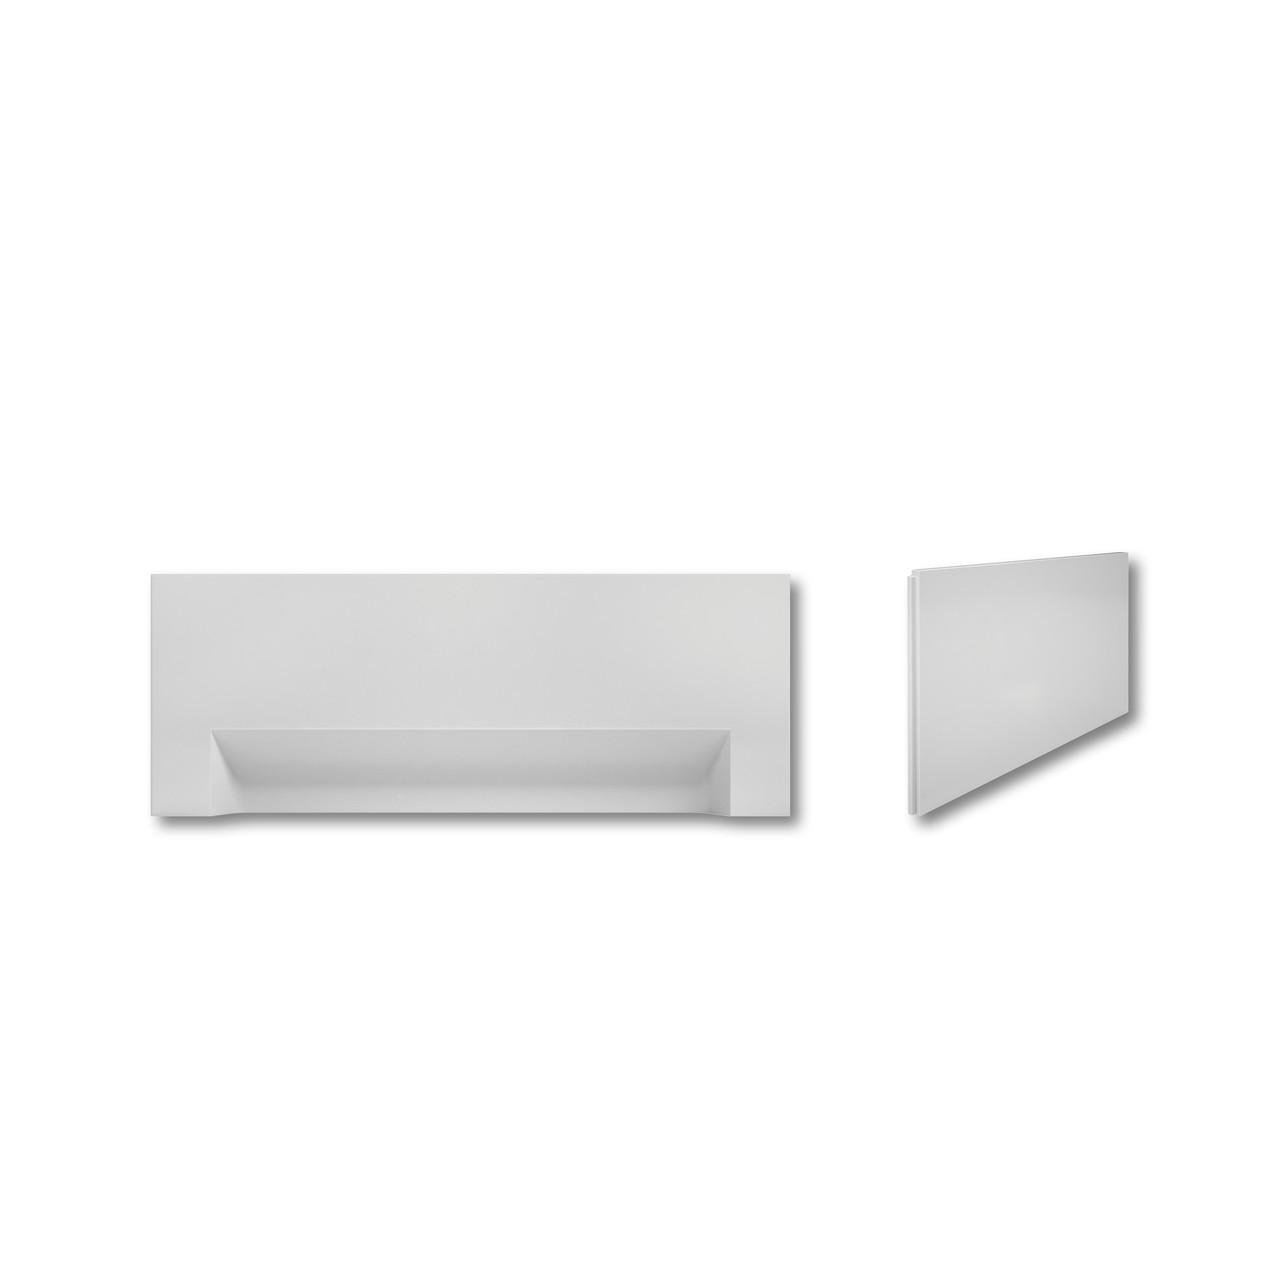 Панель фронтальная для ванны MALIBU 170